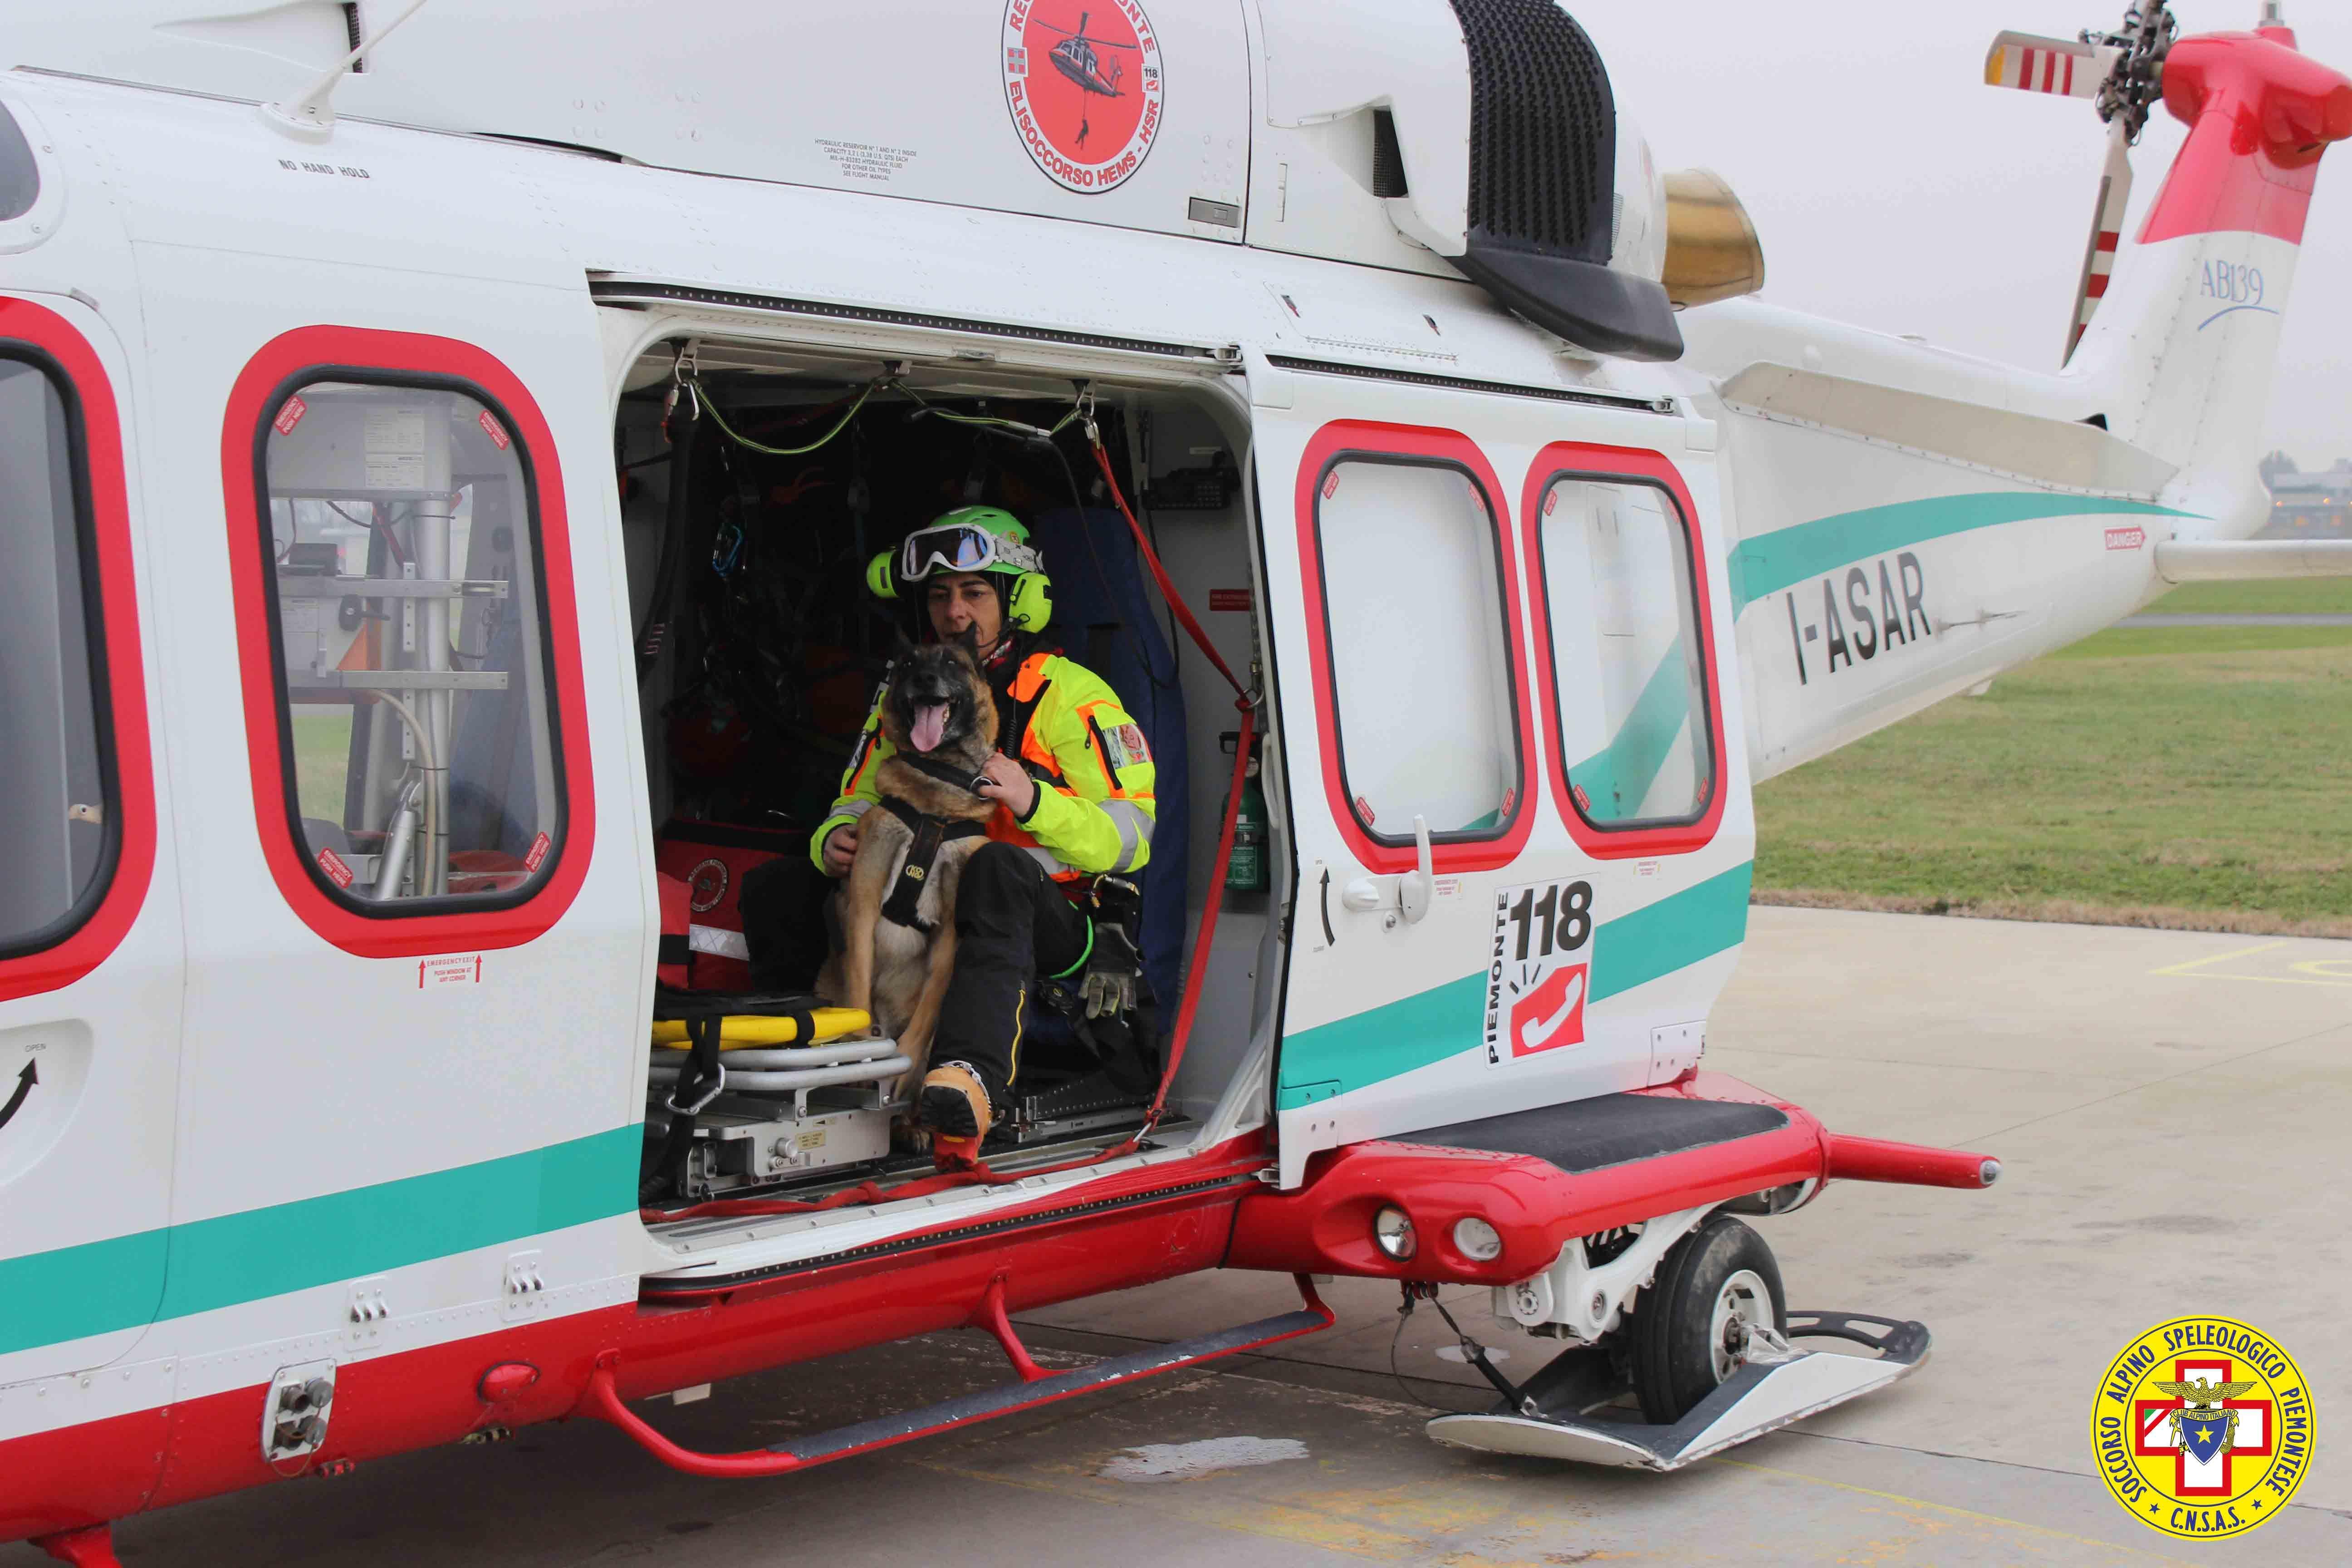 MONTAGNA - Le unità cinofile del Soccorso Alpino sugli elicotteri del 118